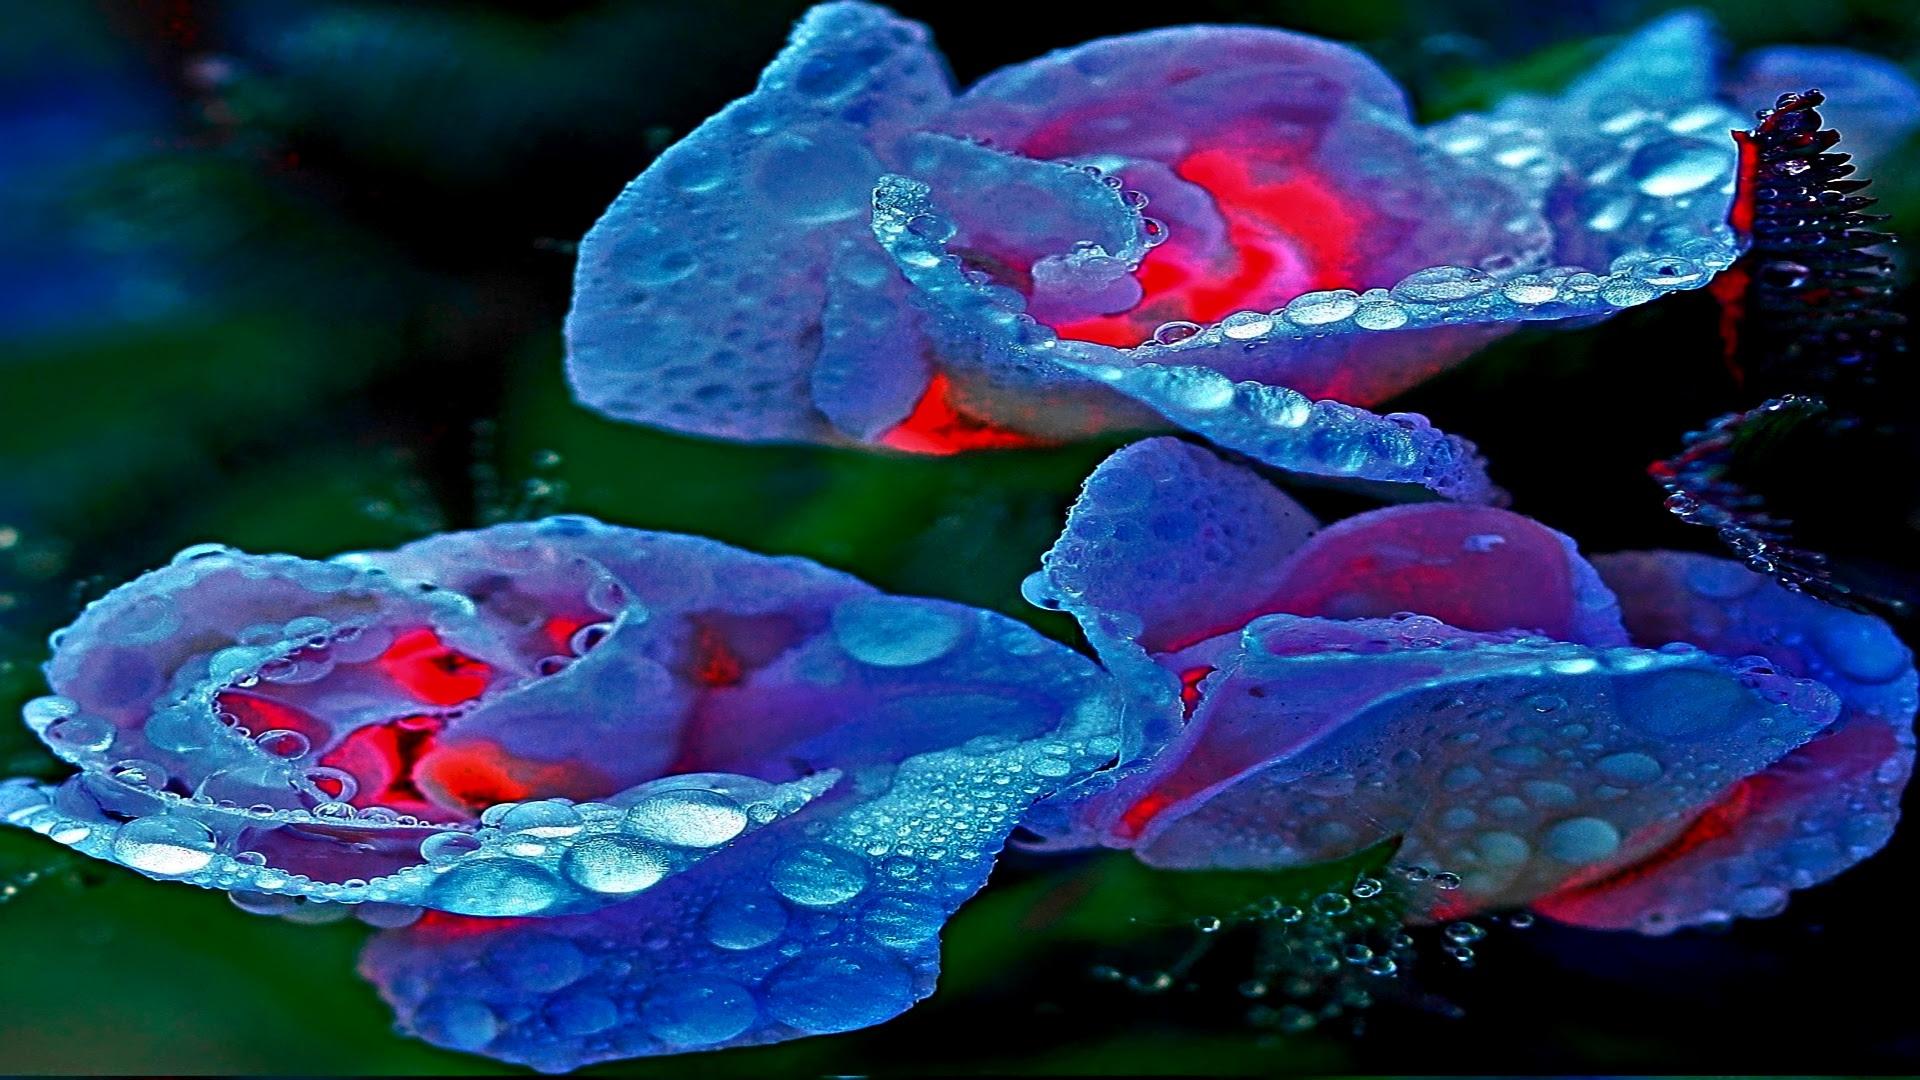 3D Love Images Hd 13 Cool Wallpaper  Hdlovewall.com